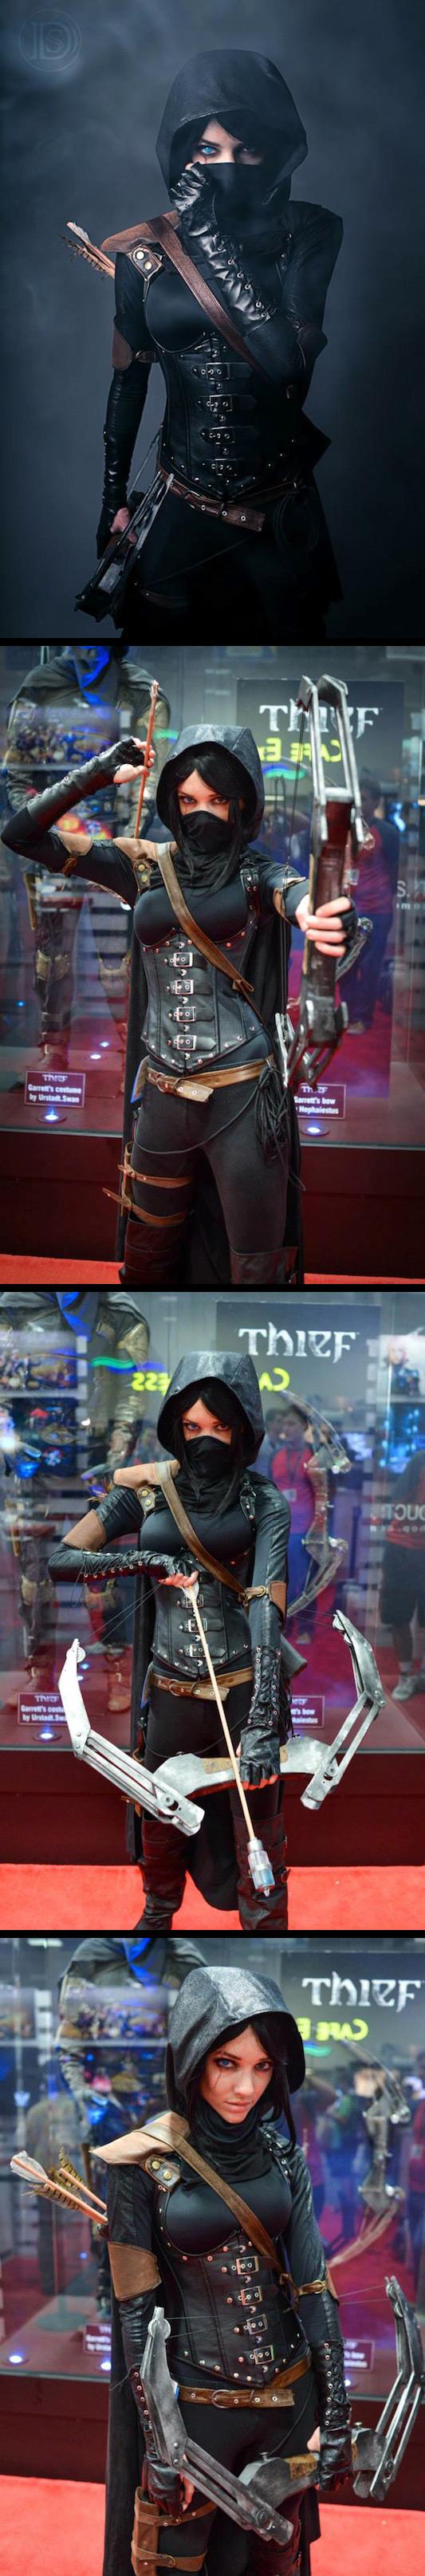 Fem Garrett - Thief 4 #cosplay by Lyz Brickley | Cosplay ...